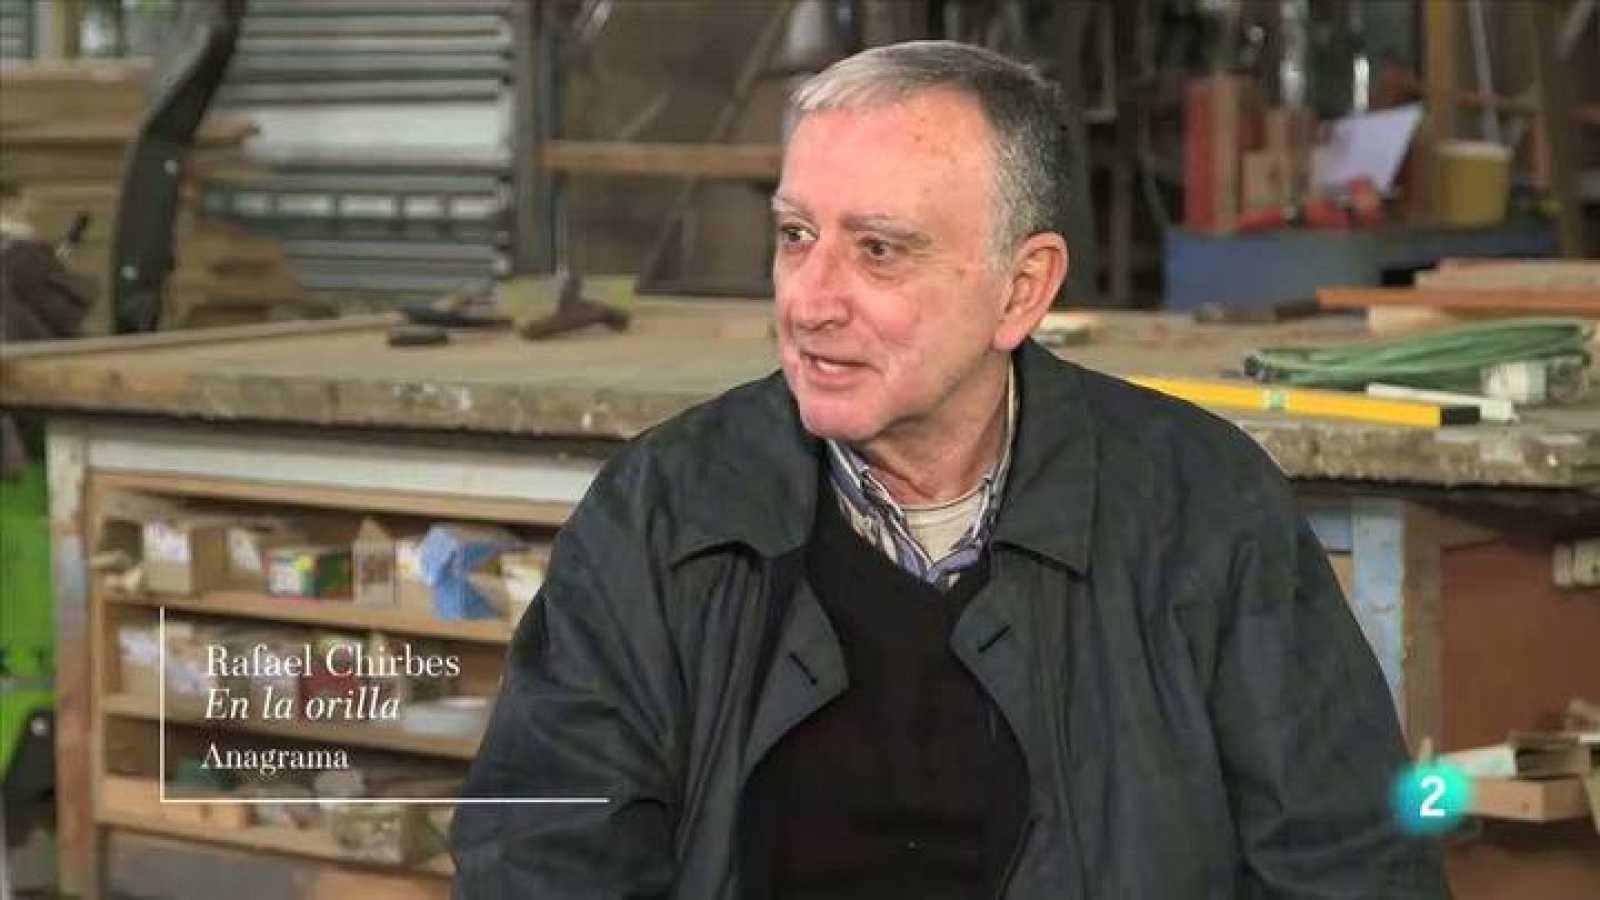 Página 2 - Entrevista a Rafael Chirbes